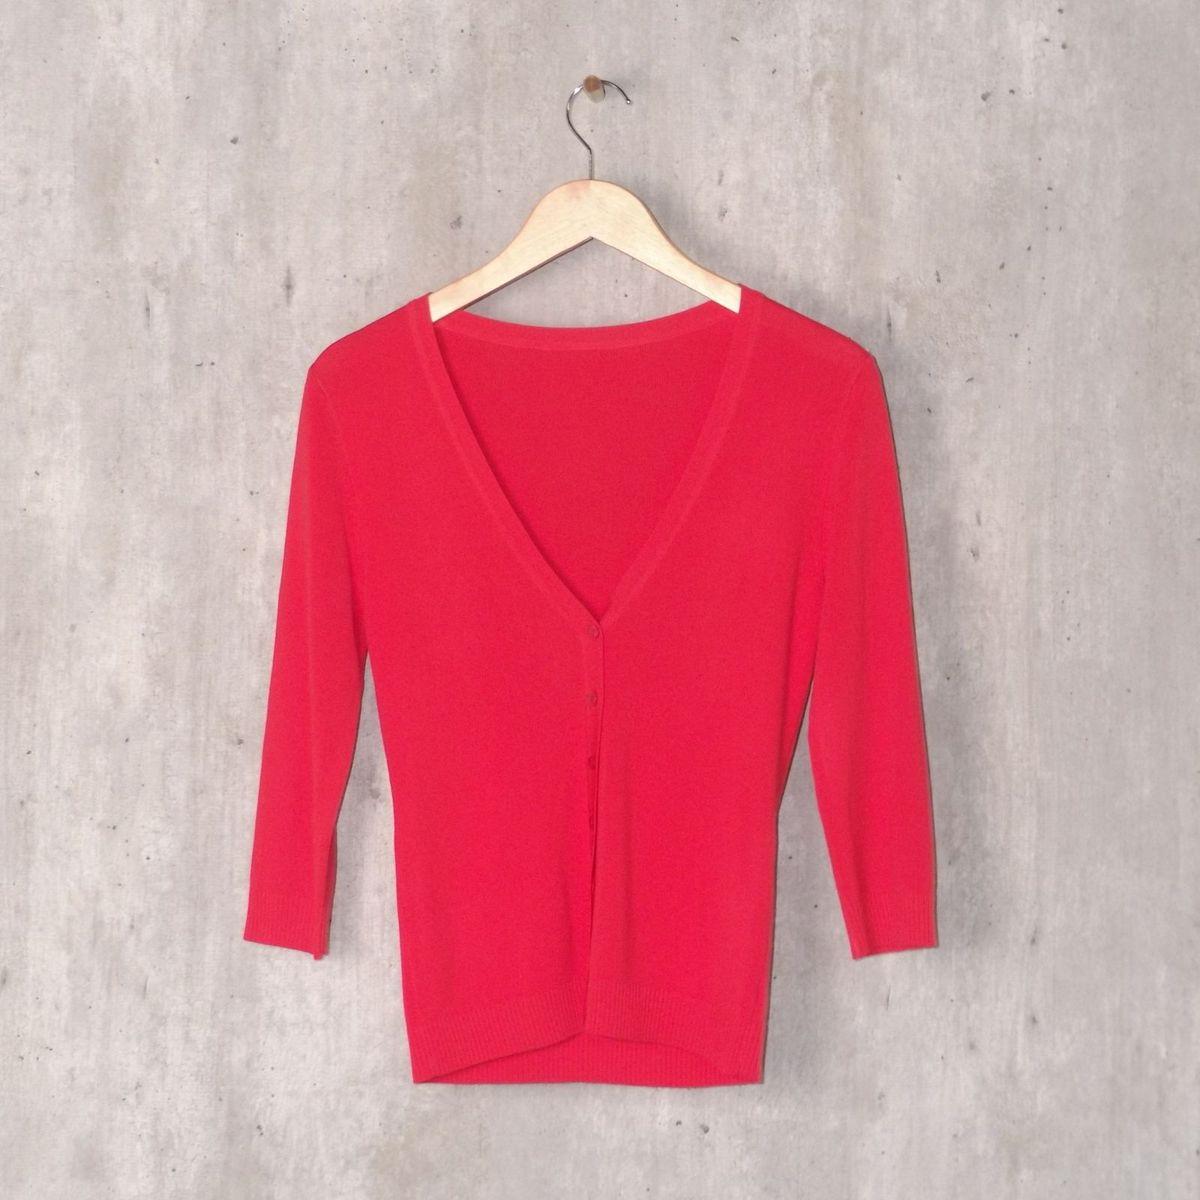 f2e539fd8 Blusa Vermelha Canelada Manga Longa | Blusa Feminina Usado 30390525 ...